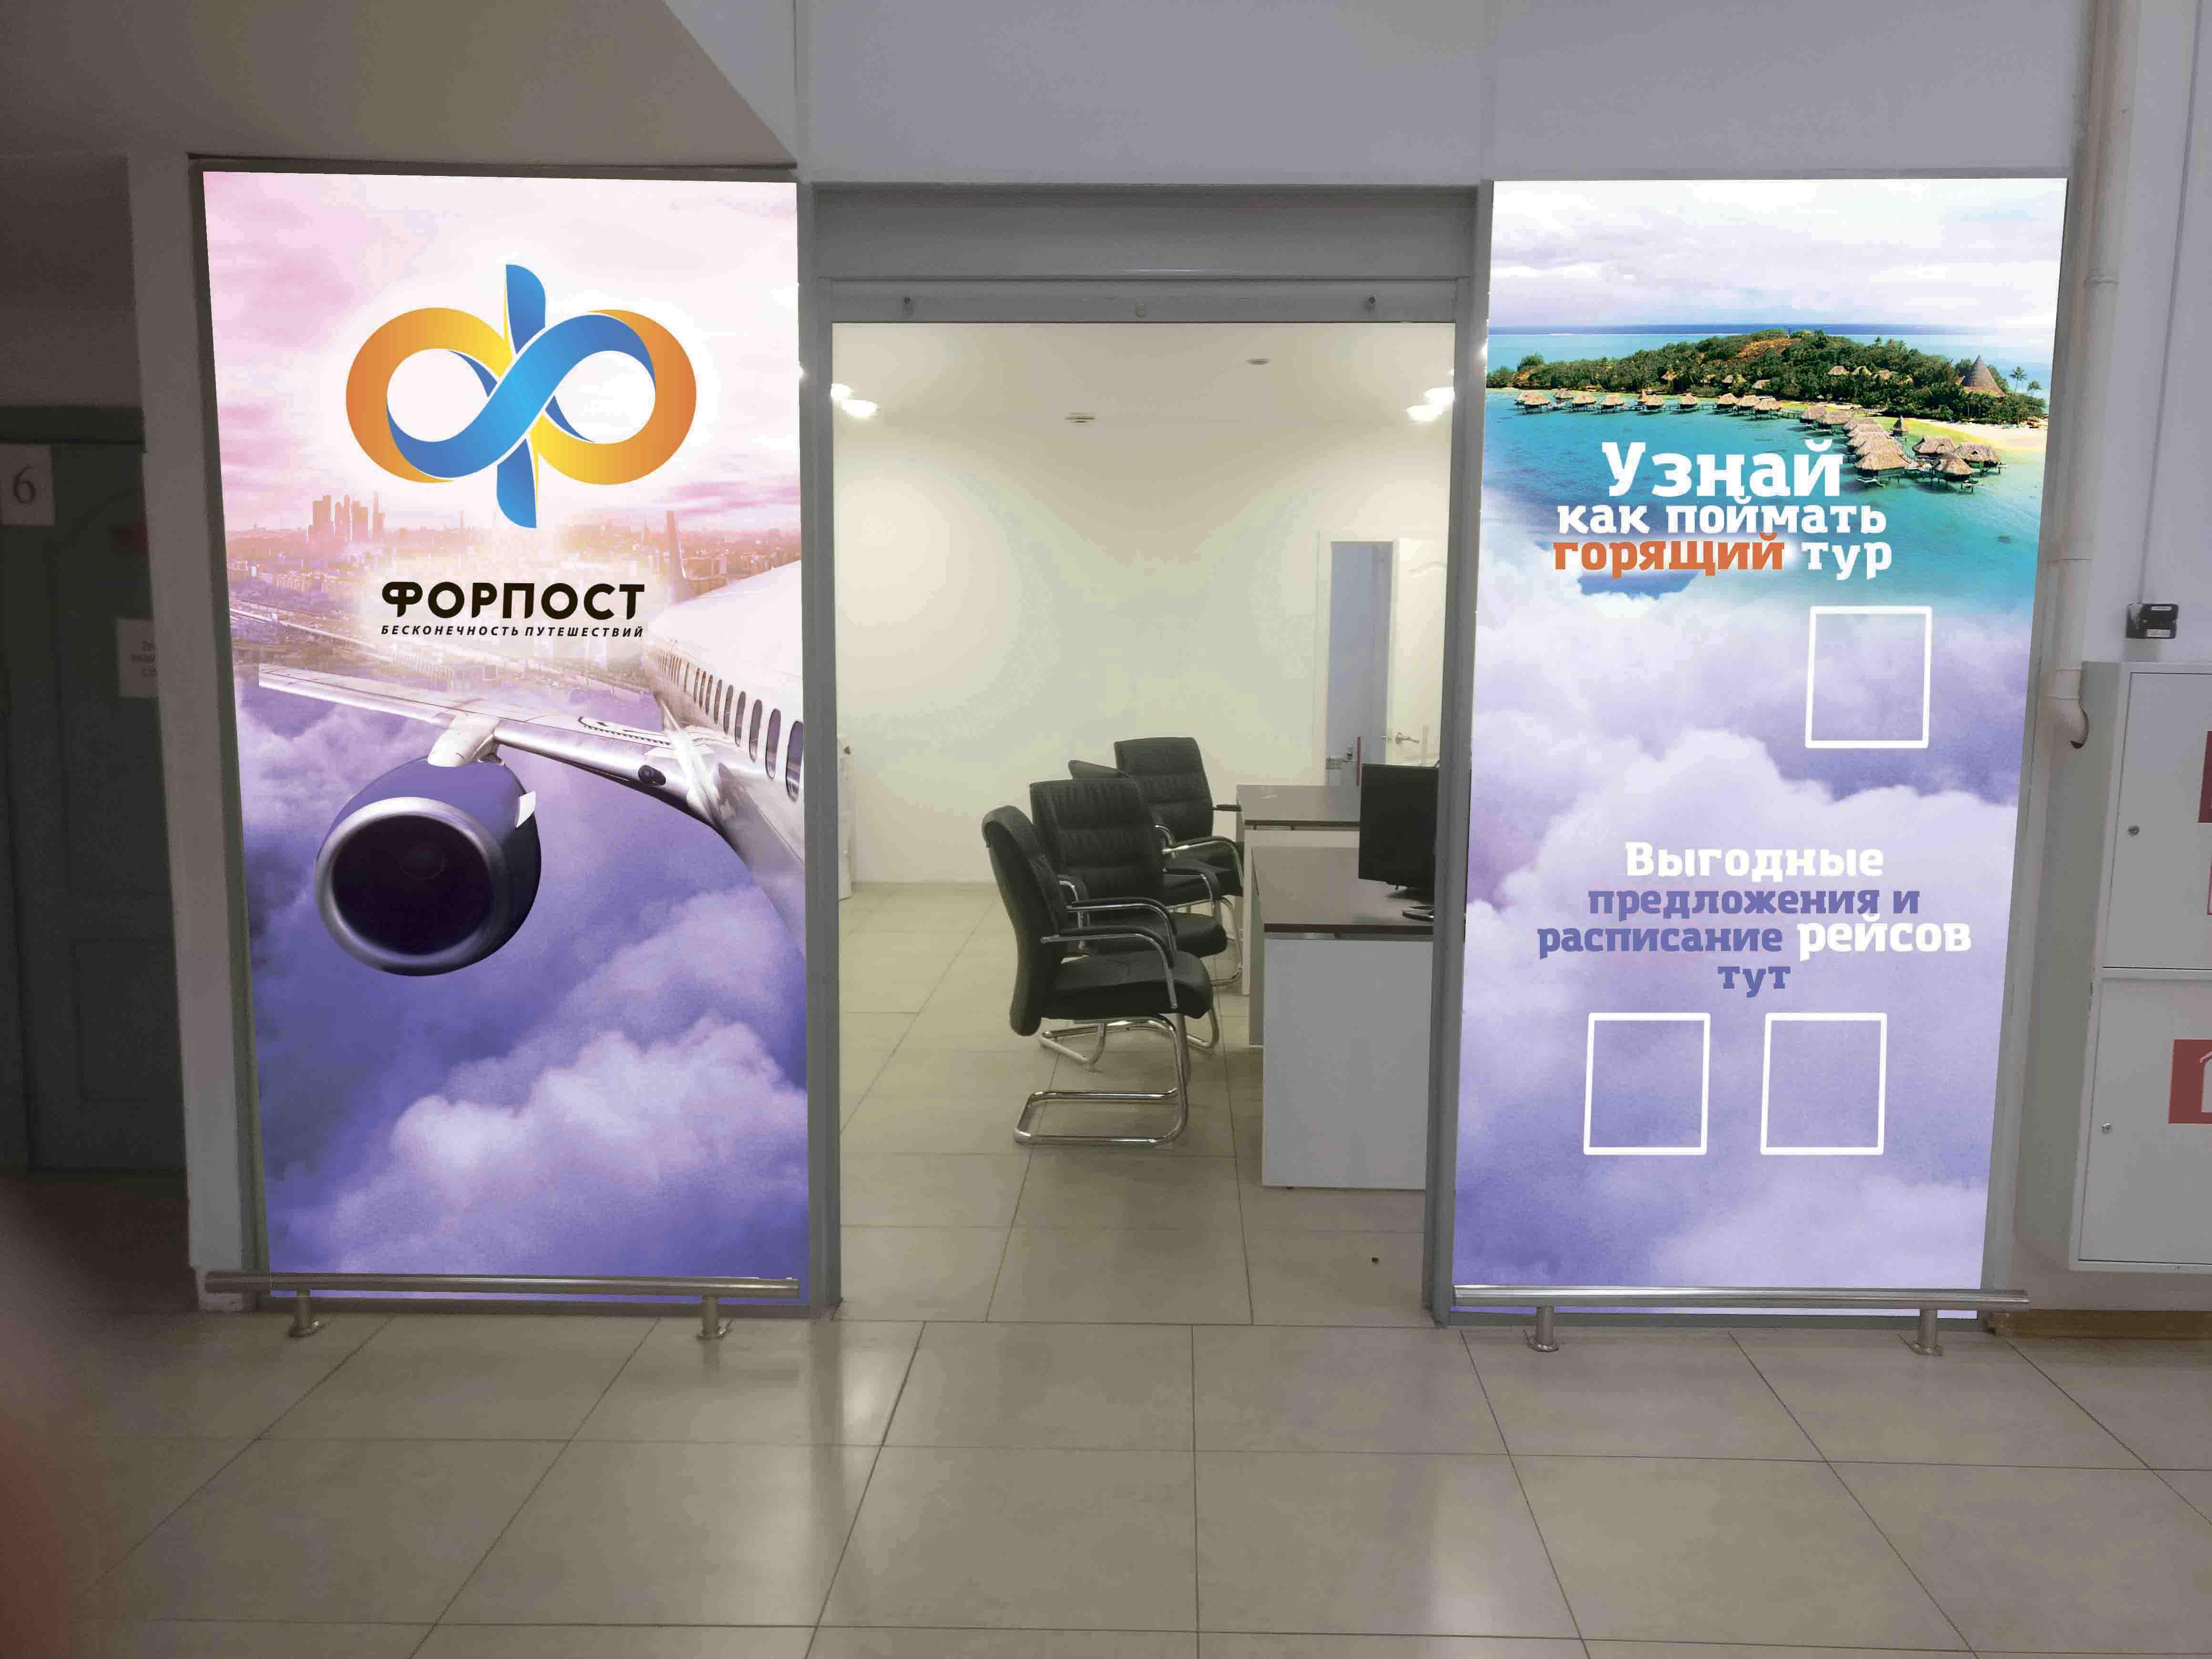 Дизайн двух плакатов фото f_1285a089e5294f1a.jpg